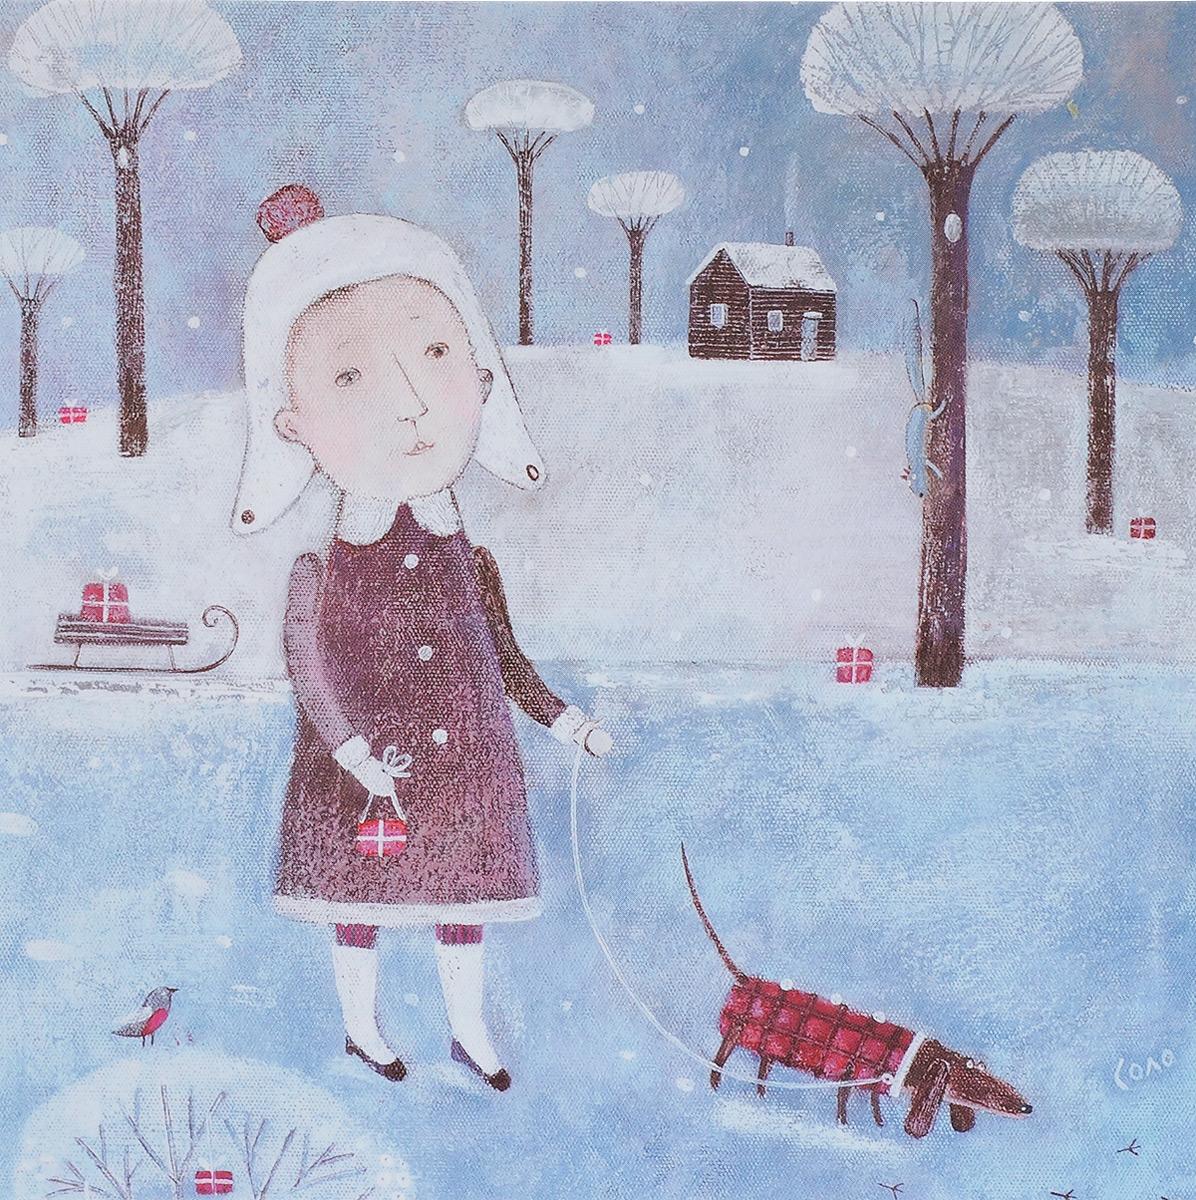 Открытка Рождественские каникулы. Автор Соловьева Светлана1032182Оригинальная дизайнерская открытка «Рождественские каникулы» выполнена из плотного матового картона. На лицевой стороне расположена репродукция картины художницы Светланы Соловьевой с изображением девушки, несущей подарки вместе со своей одетой в клетчатое пальто таксой.Такая открытка станет великолепным дополнением к подарку или оригинальным почтовым посланием, которое, несомненно, удивит получателя своим дизайном и подарит приятные воспоминания.